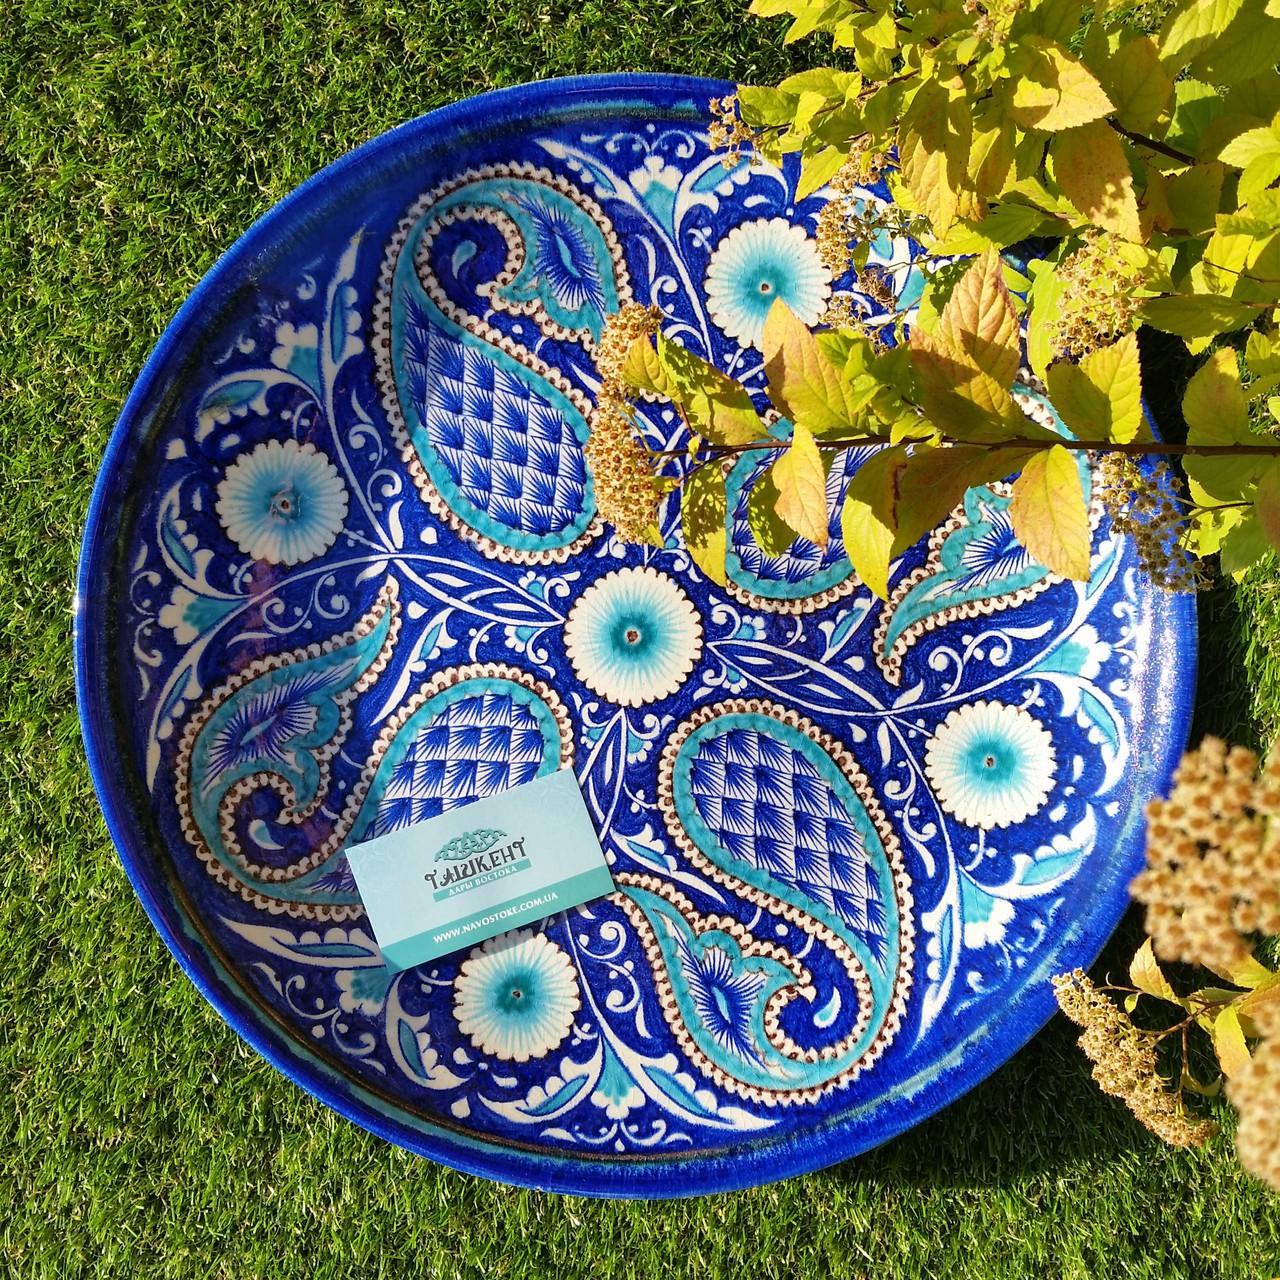 Узбекская тарелка Ляган d 40 см в традиционной технике исполнения. Риштан (40)